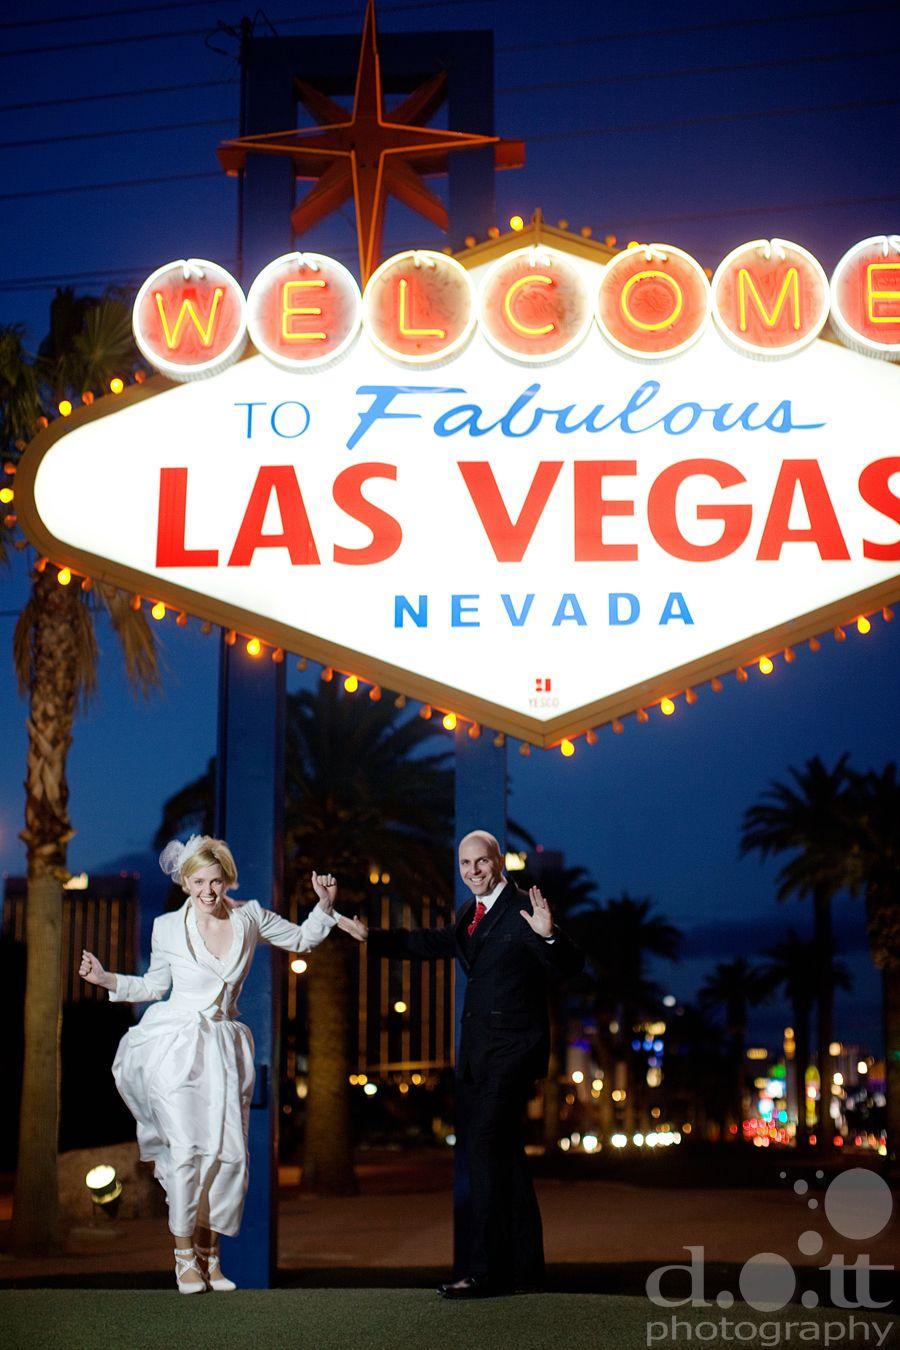 Just Married In Fabulous Las Vegas!